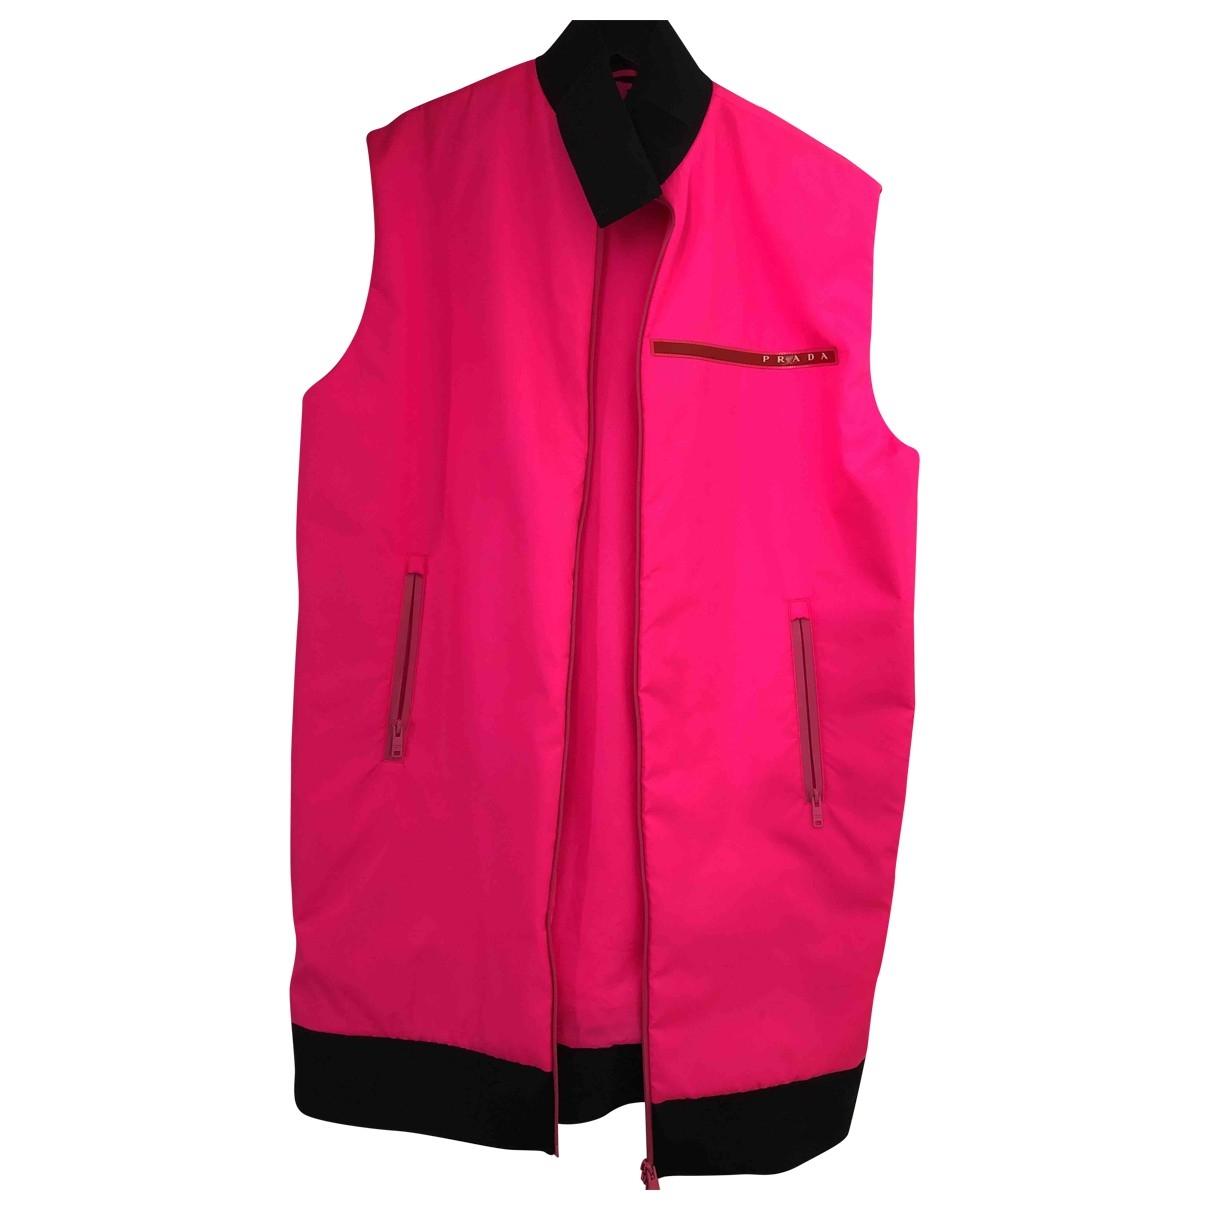 Prada \N Pink jacket for Women 40 FR